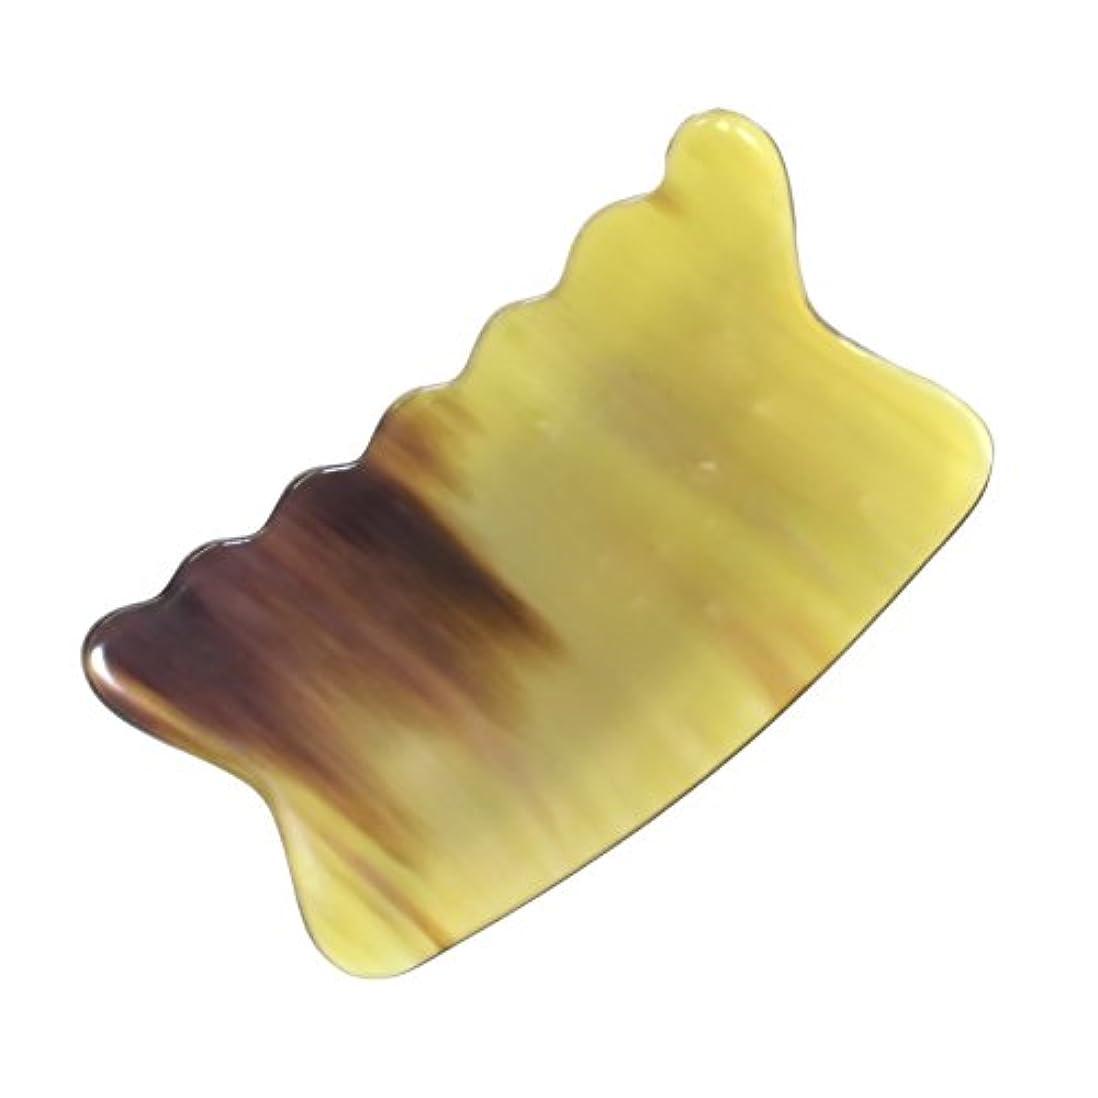 第二穿孔するモザイクかっさ プレート 希少61 黄水牛角 極美品 曲波型